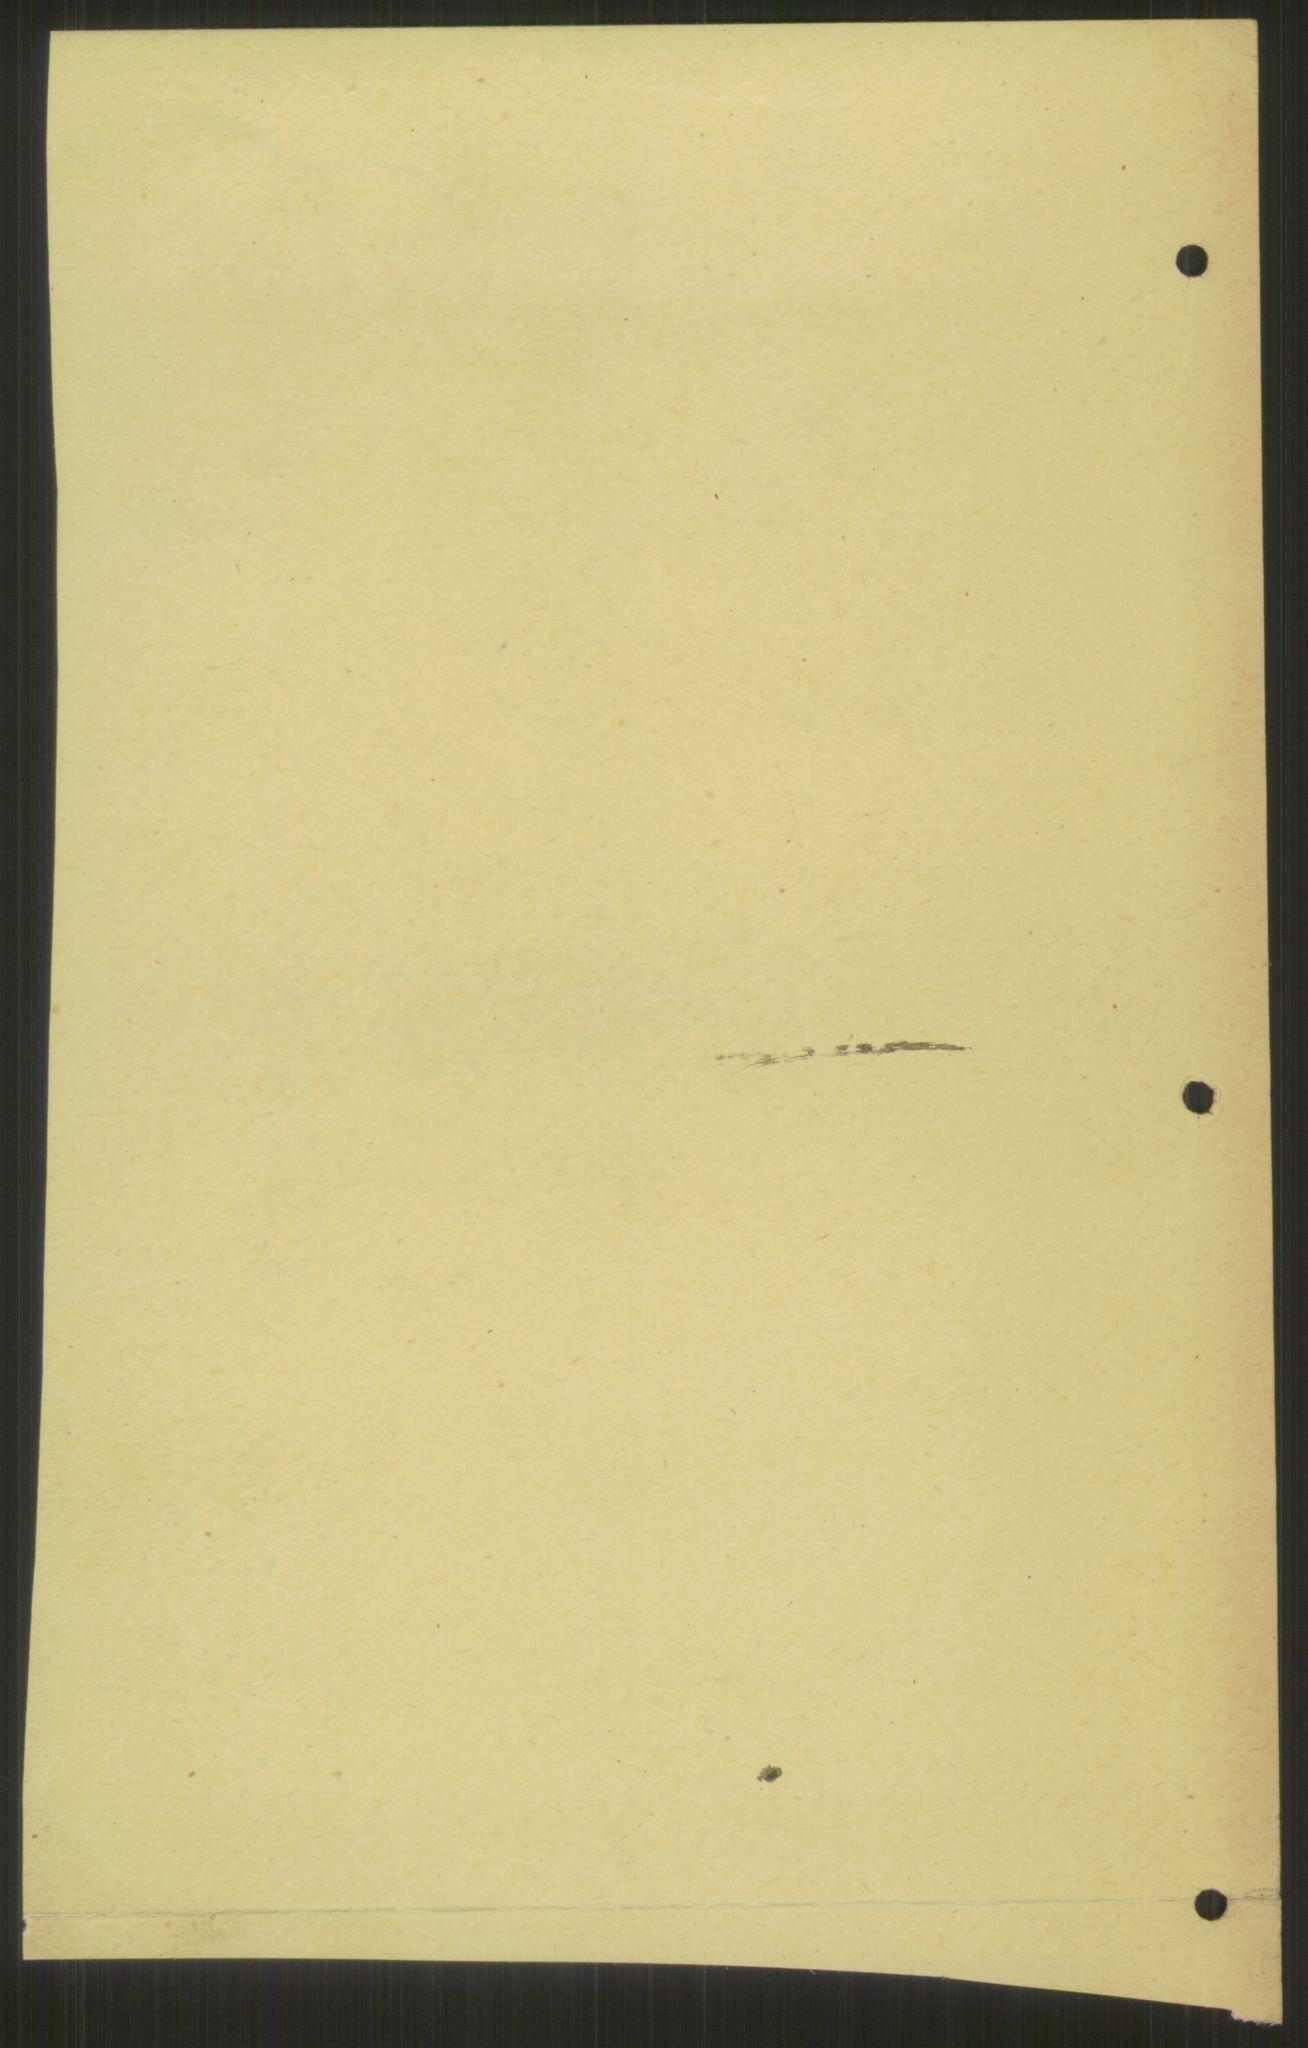 RA, Utenriksstasjonene, Legasjonen i St. Petersburg, Russland, D/Da/L0013: --, 1907-1918, s. 3